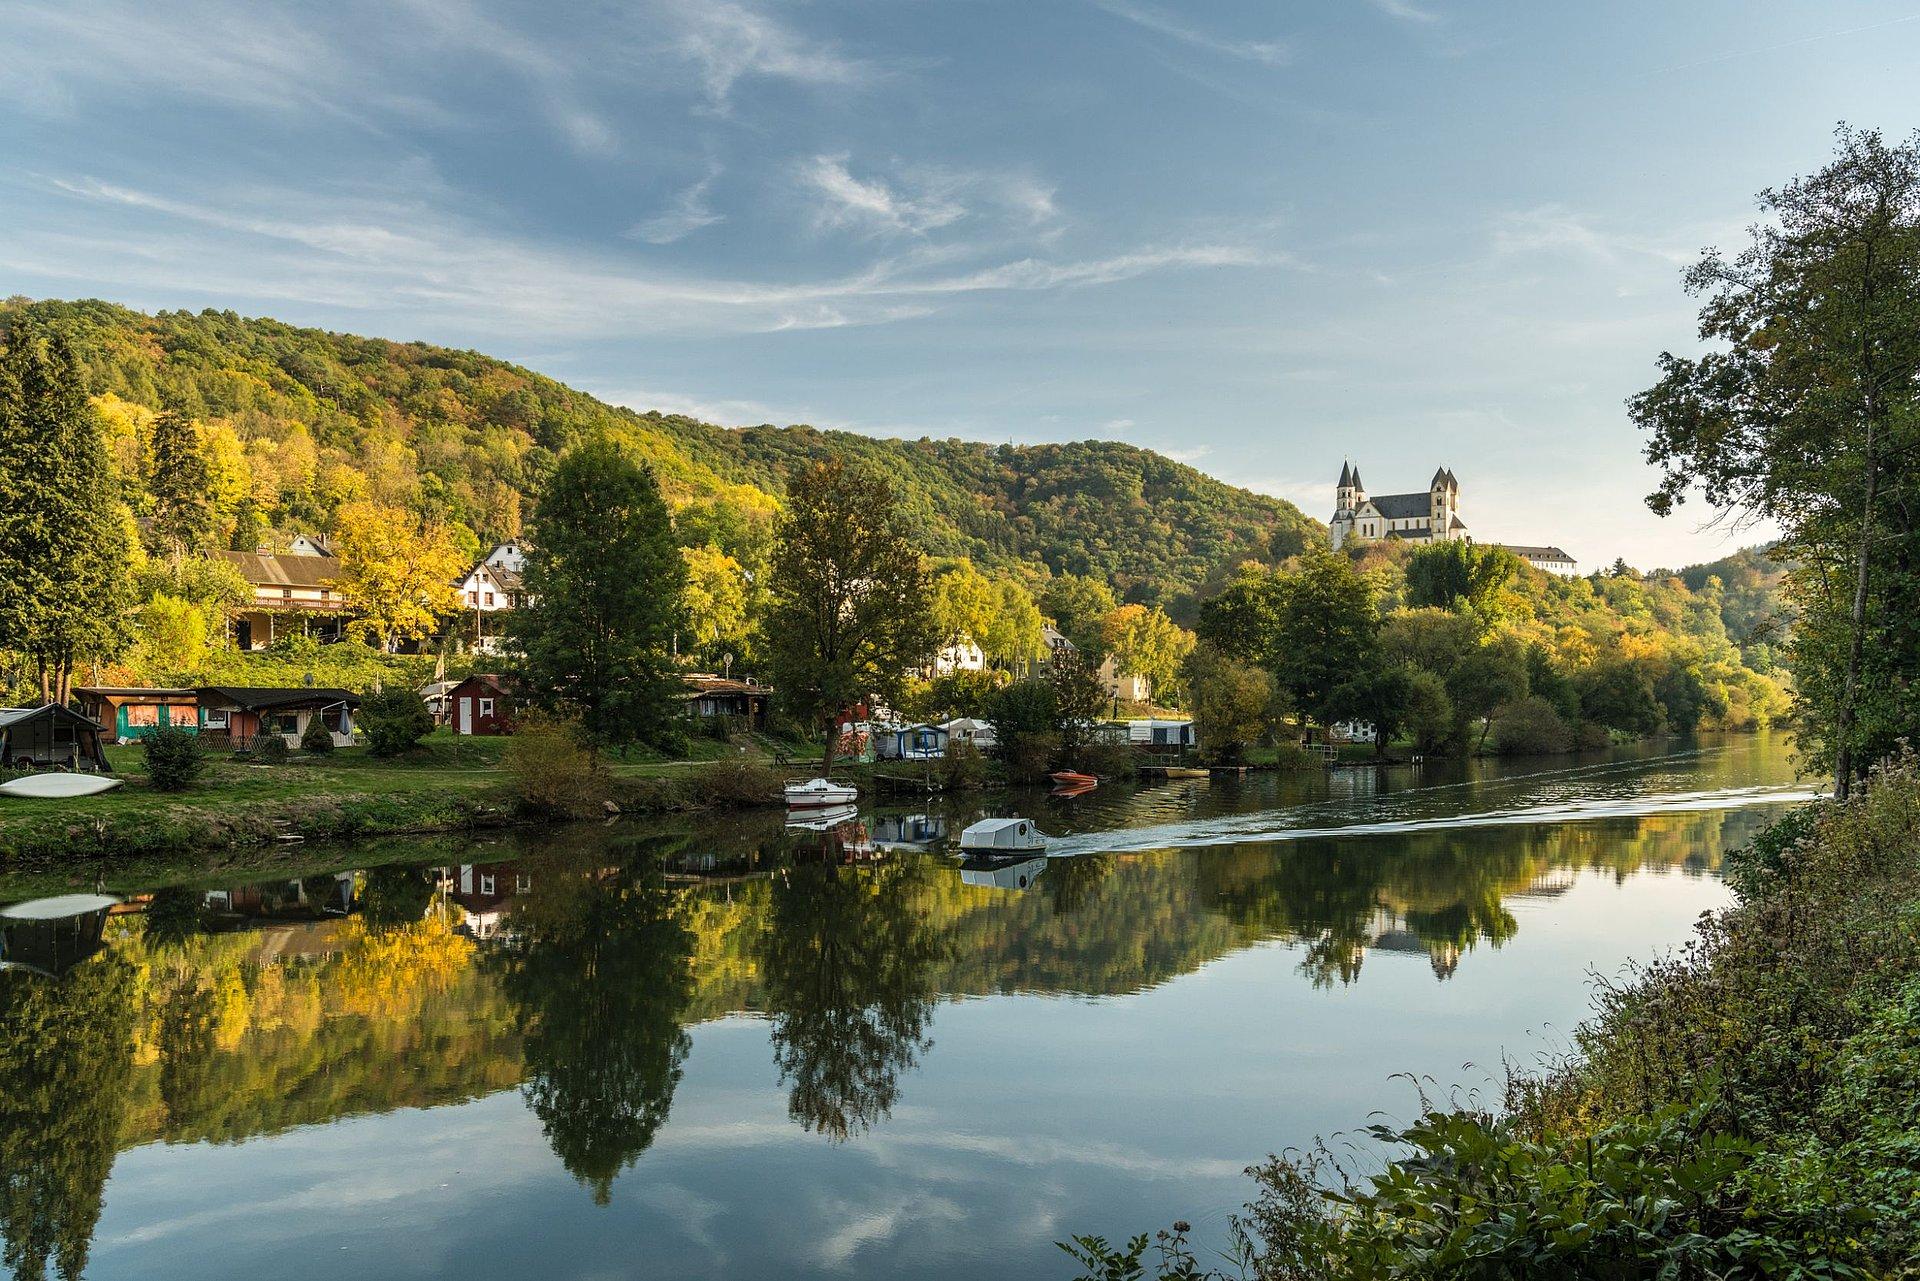 Vier-Täler-Tour im Naturpark Nassau mit Blick auf Kloster Arnstein, Lahntal